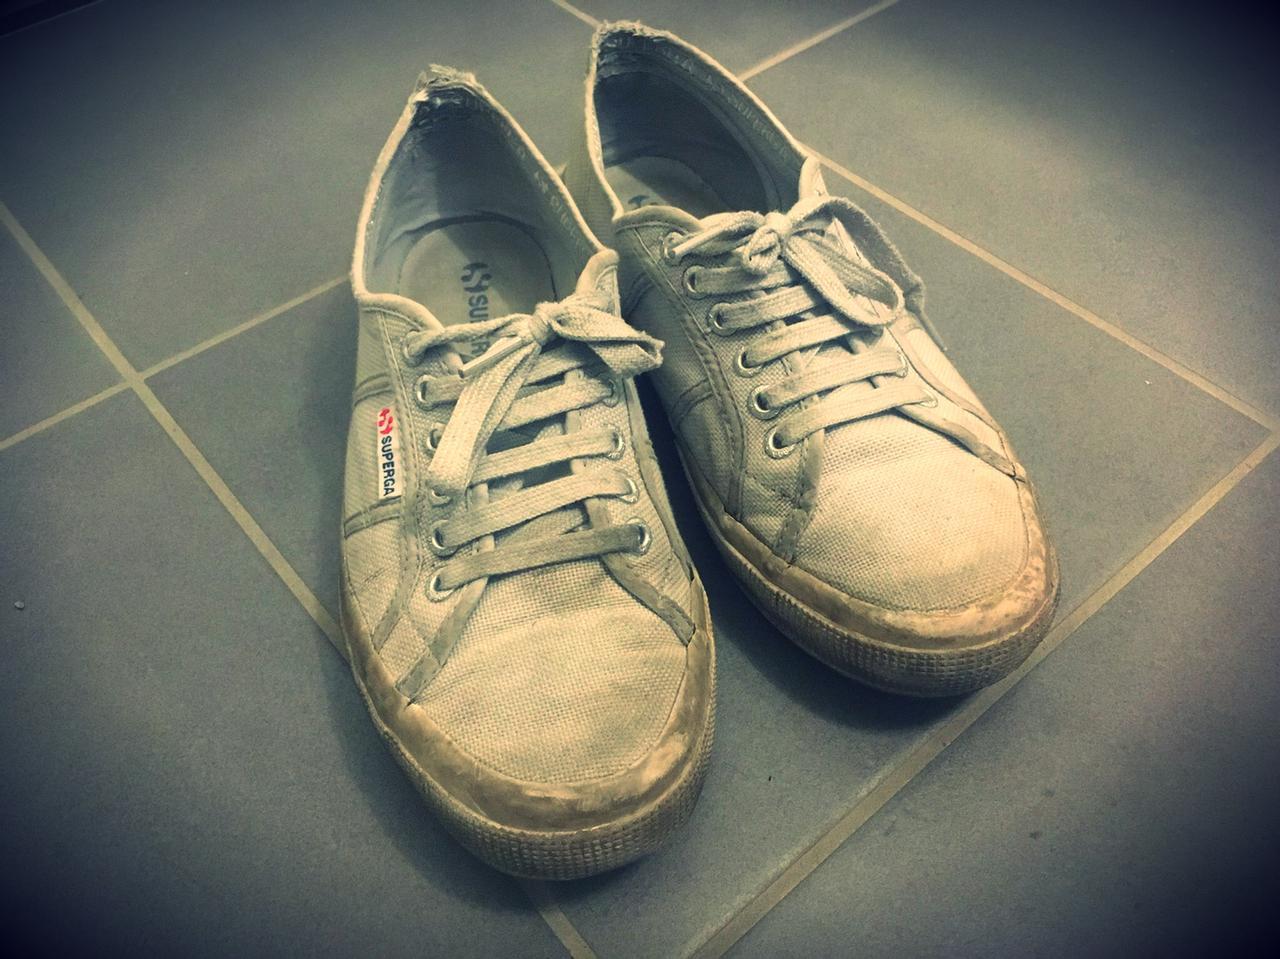 画像: 私の履き古しているトリノ生まれのスニーカーSPERGAです。